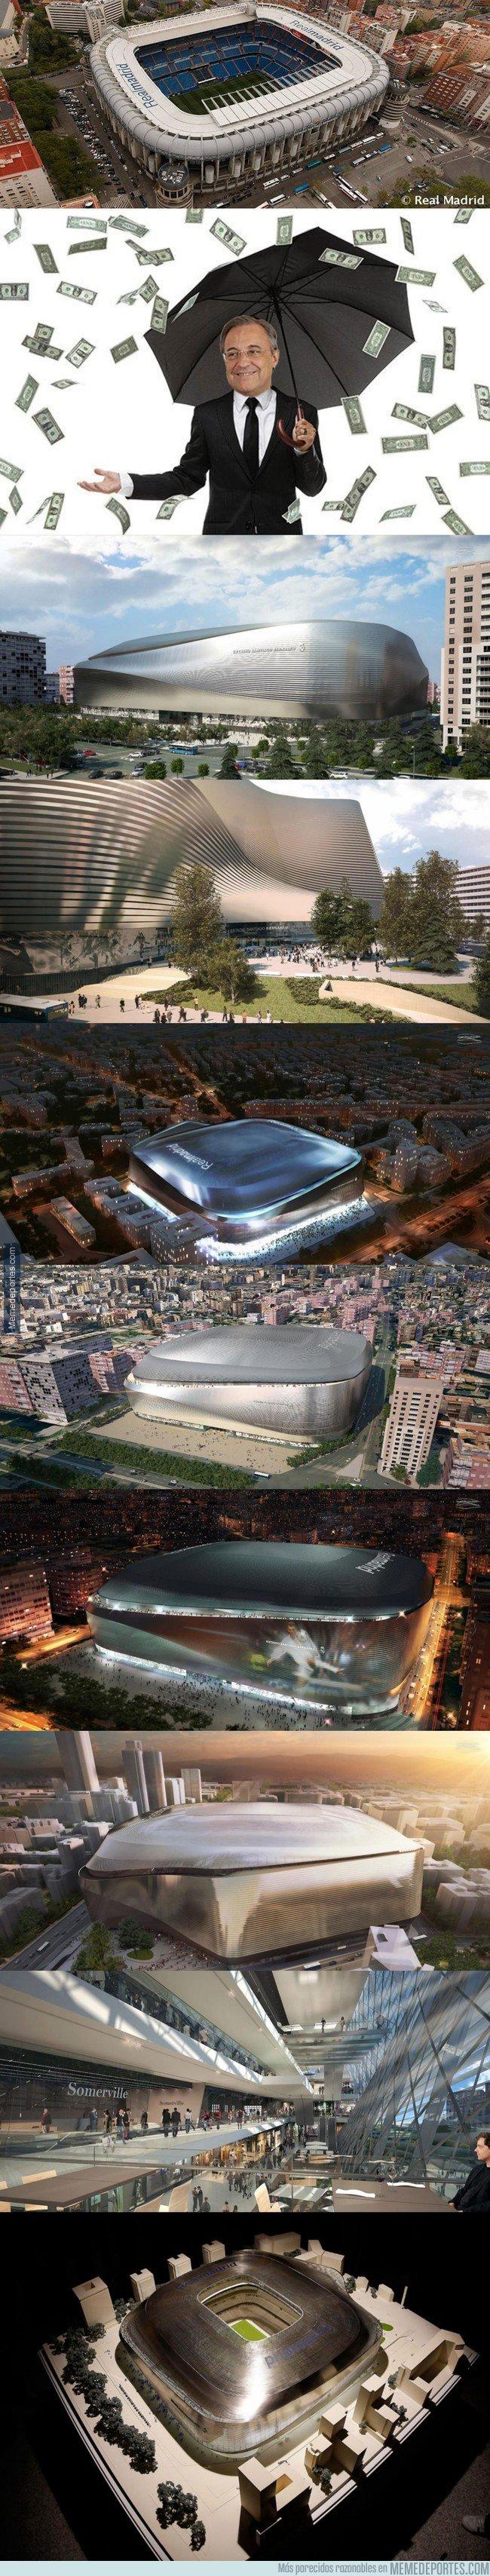 1033290 - Así quedará el Bernabéu tras la remodelación de 400 millones de euros que se quiere fundir tito Floren